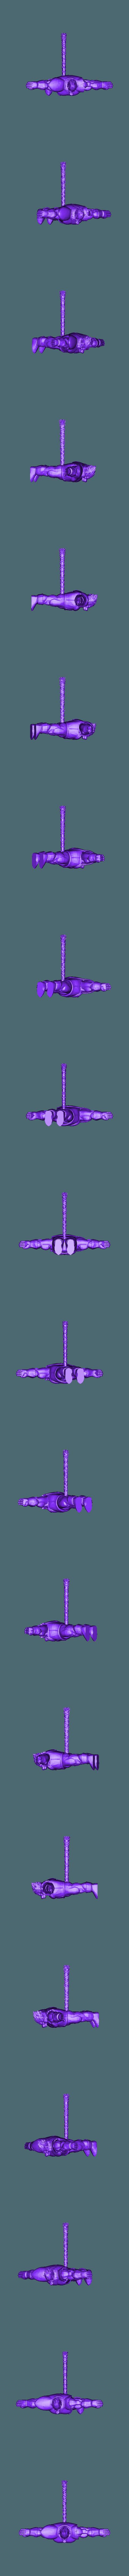 Db-xv-great-ape-vegeta.stl Download free STL file Dragonball z: Db-xv-great-ape-vegeta • Object to 3D print, Peanut3DButter